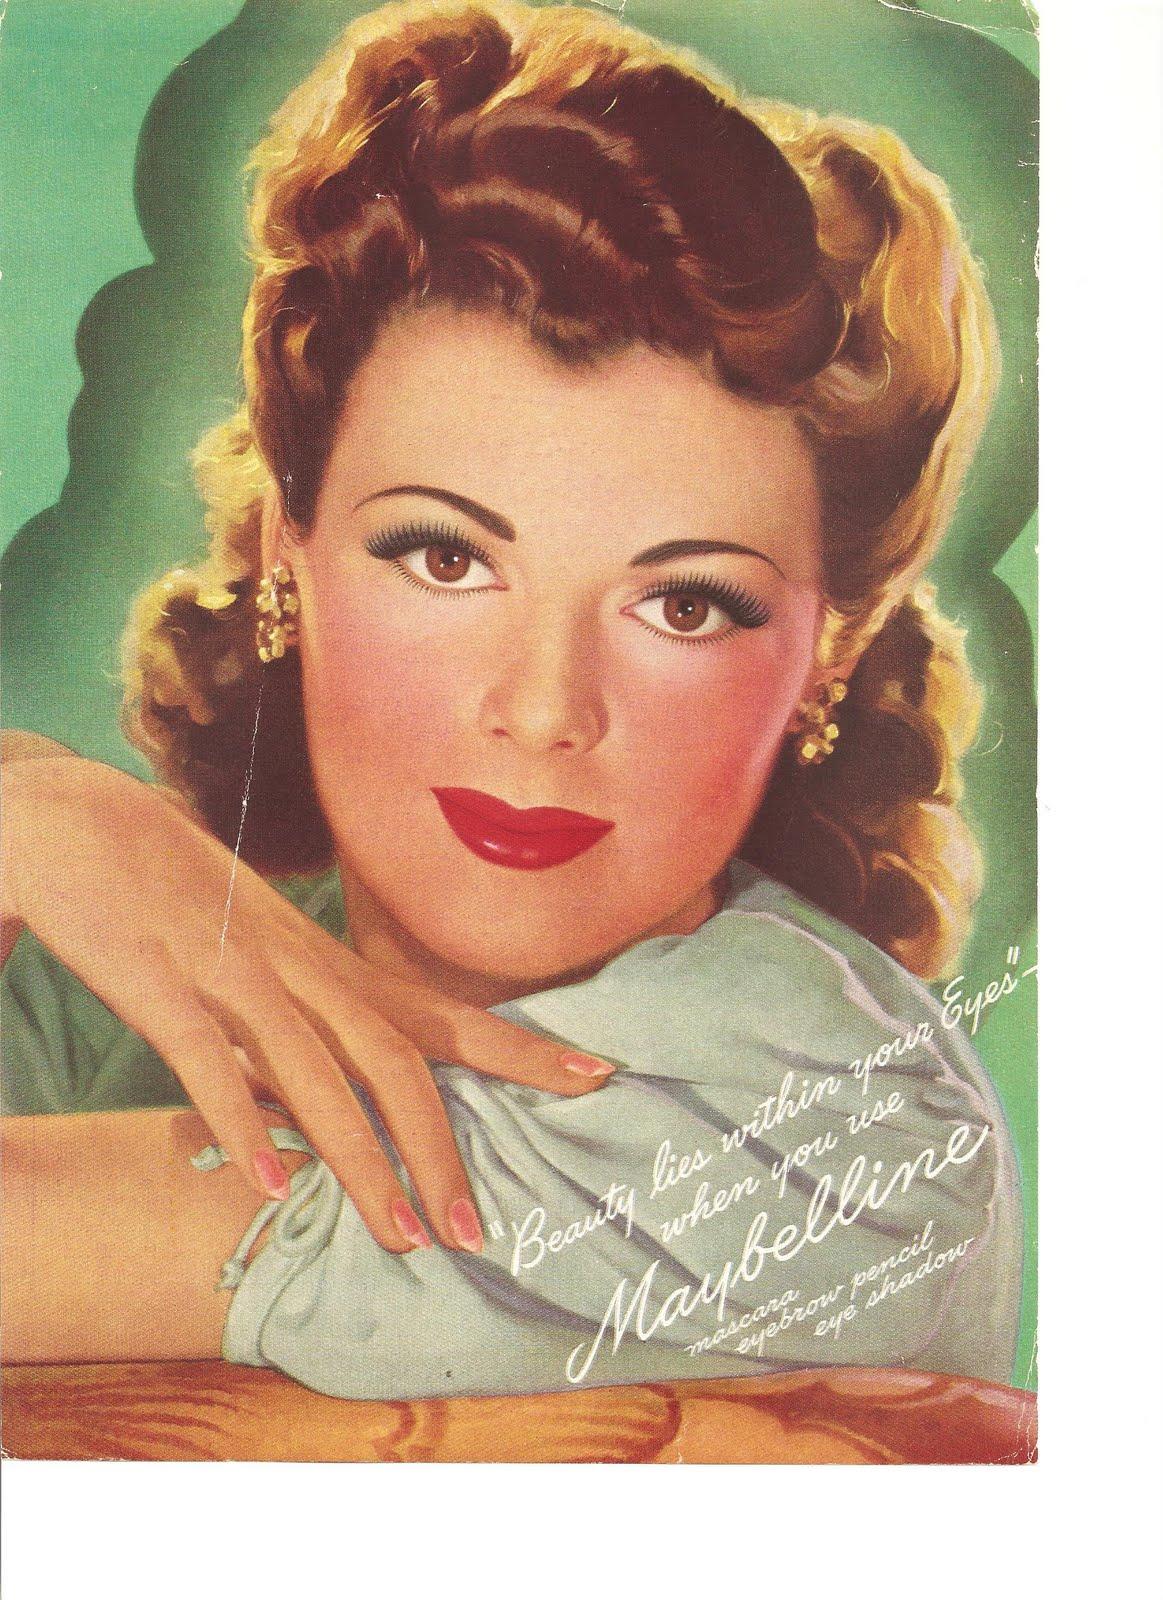 Pat McDonald (actress),David Calder (born 1946) Hot fotos Barbara Jefford,Nora Dunfee